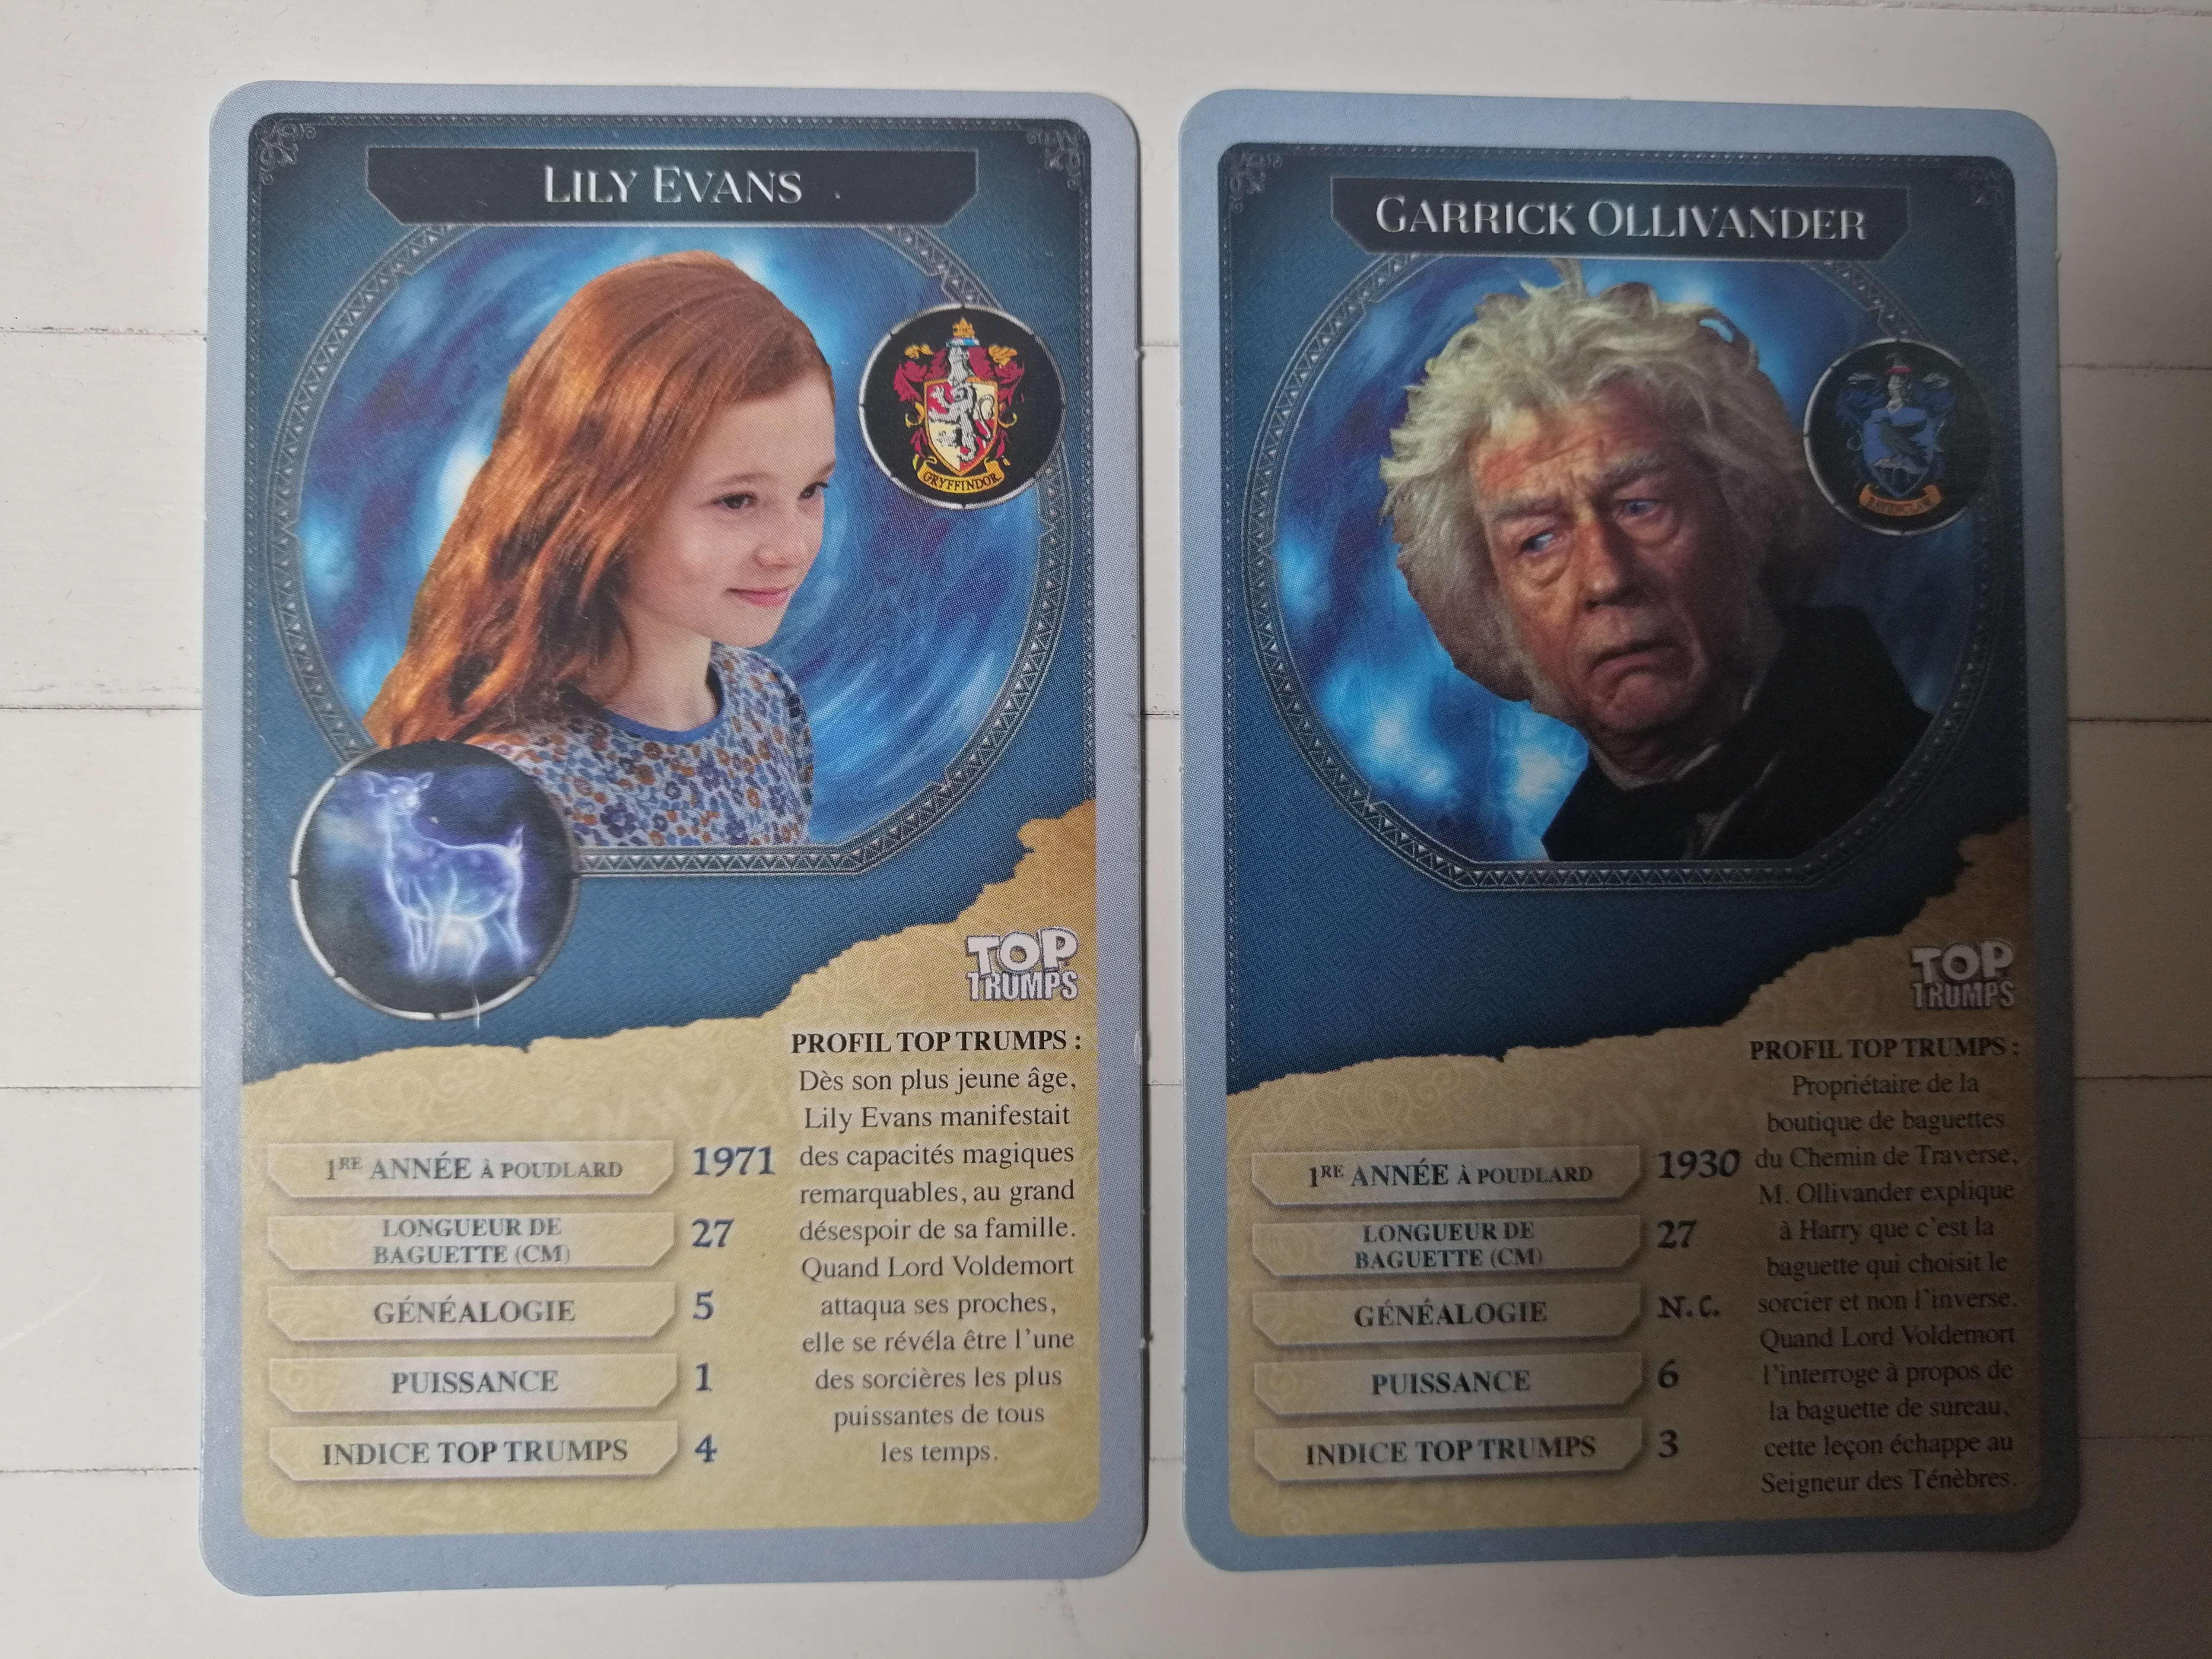 Top Trumps Harry Potter cartes spéciales Lily et Ollivanders